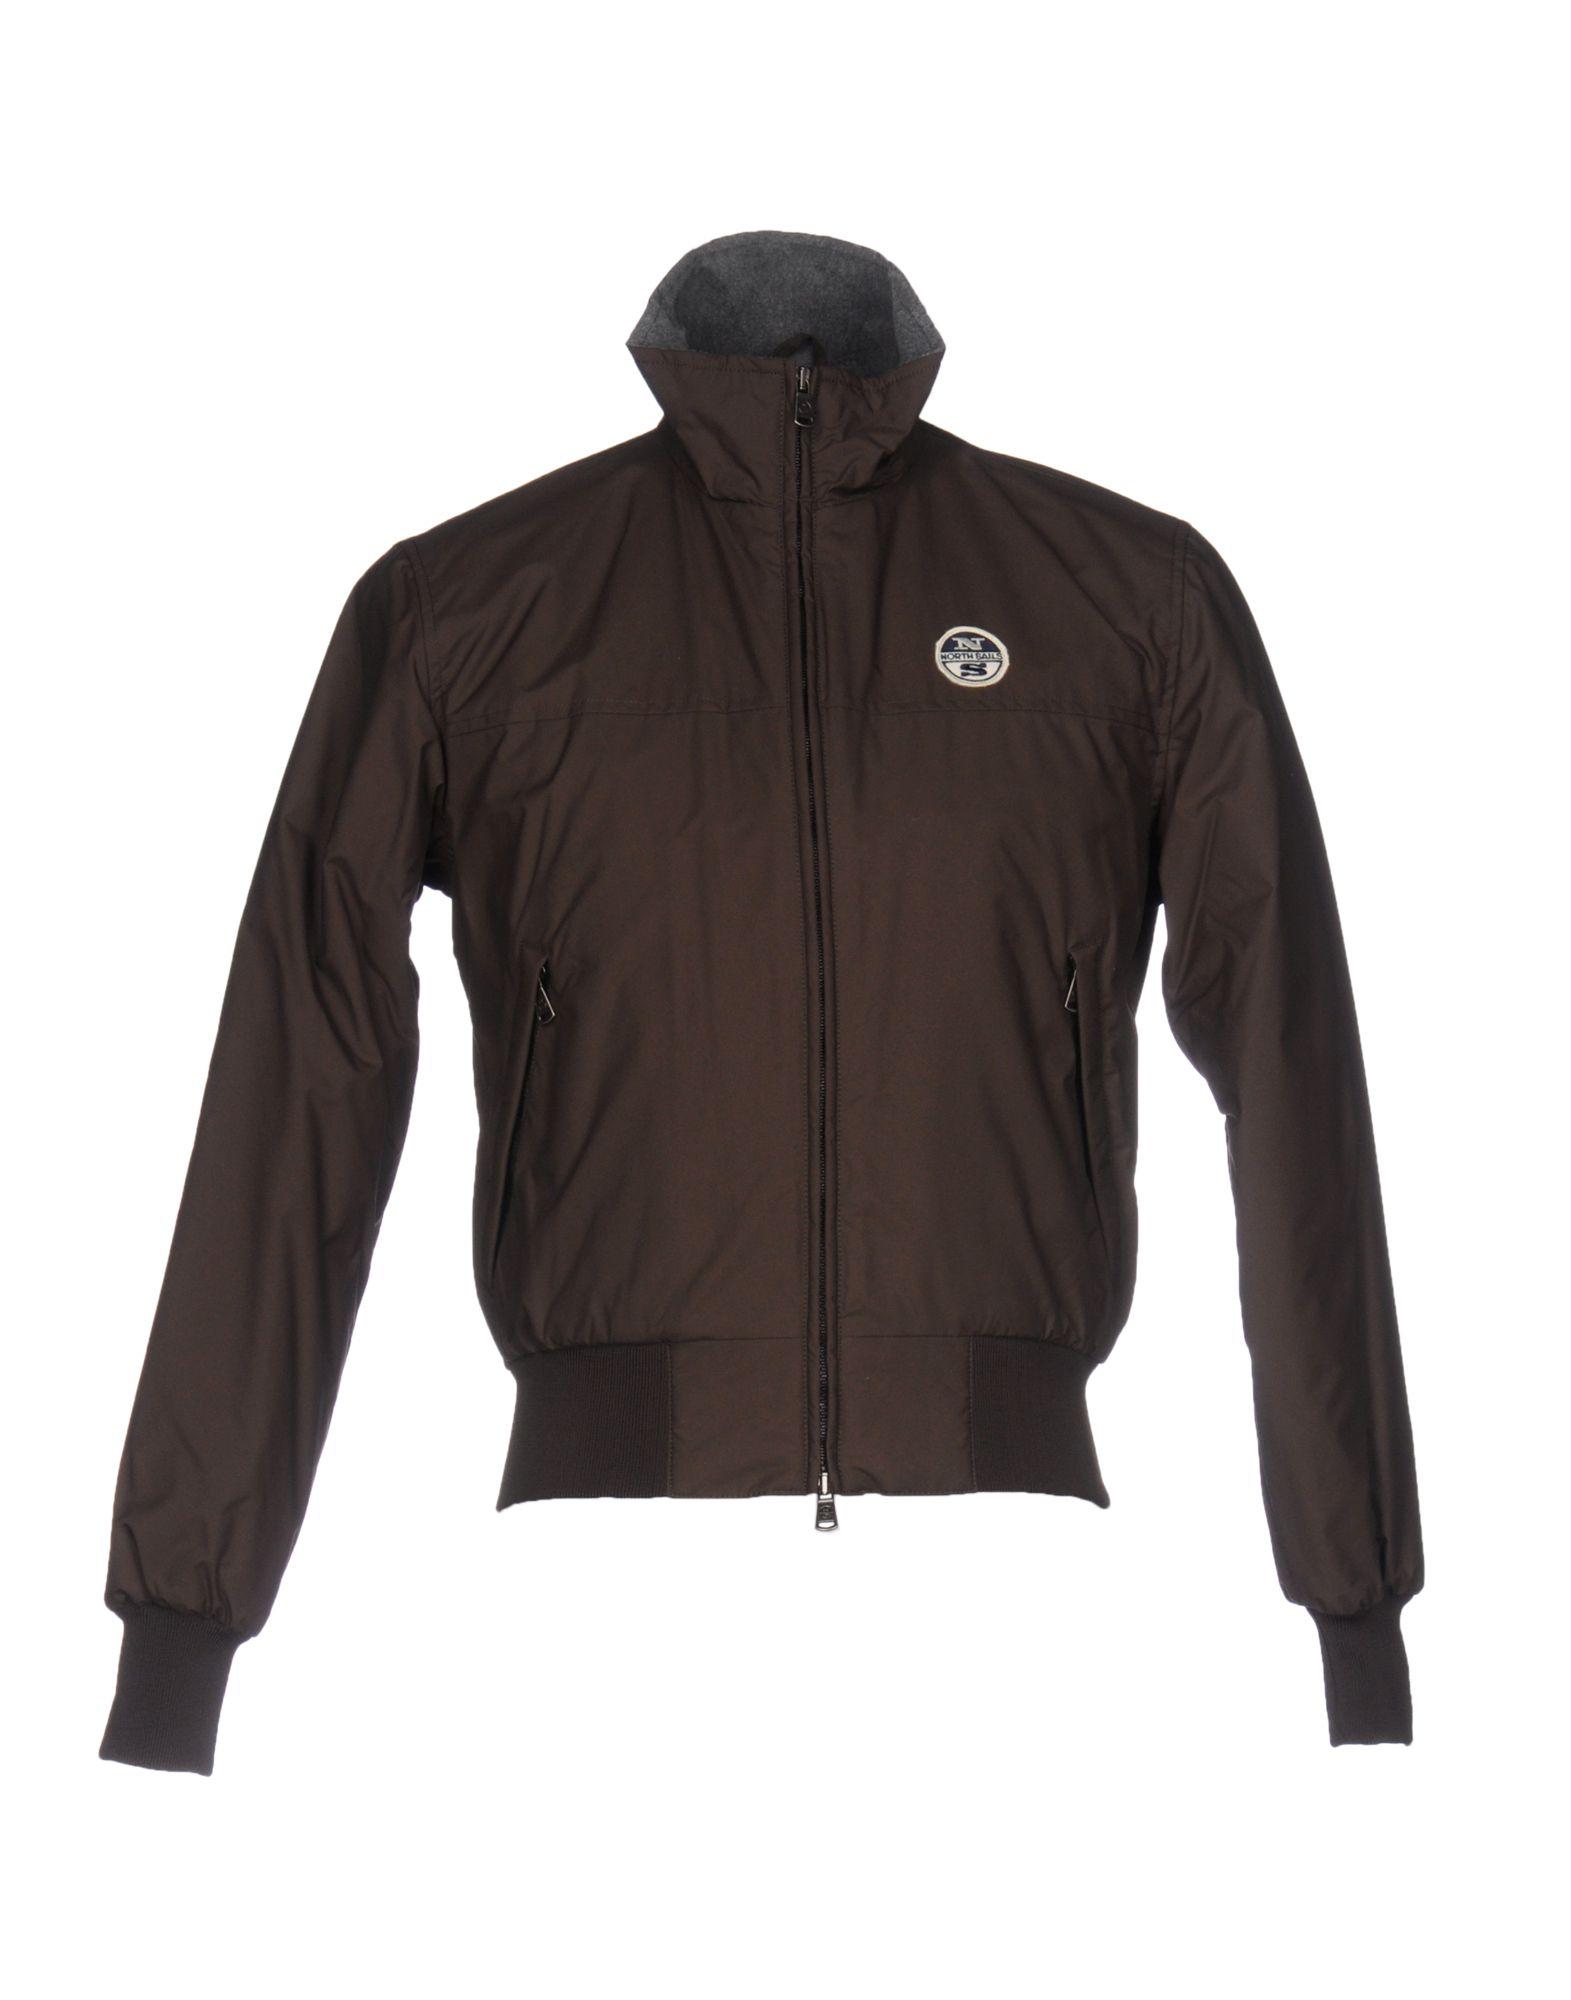 NORTH SAILS Herren Jacke Farbe Dunkelbraun Größe 3 jetztbilligerkaufen